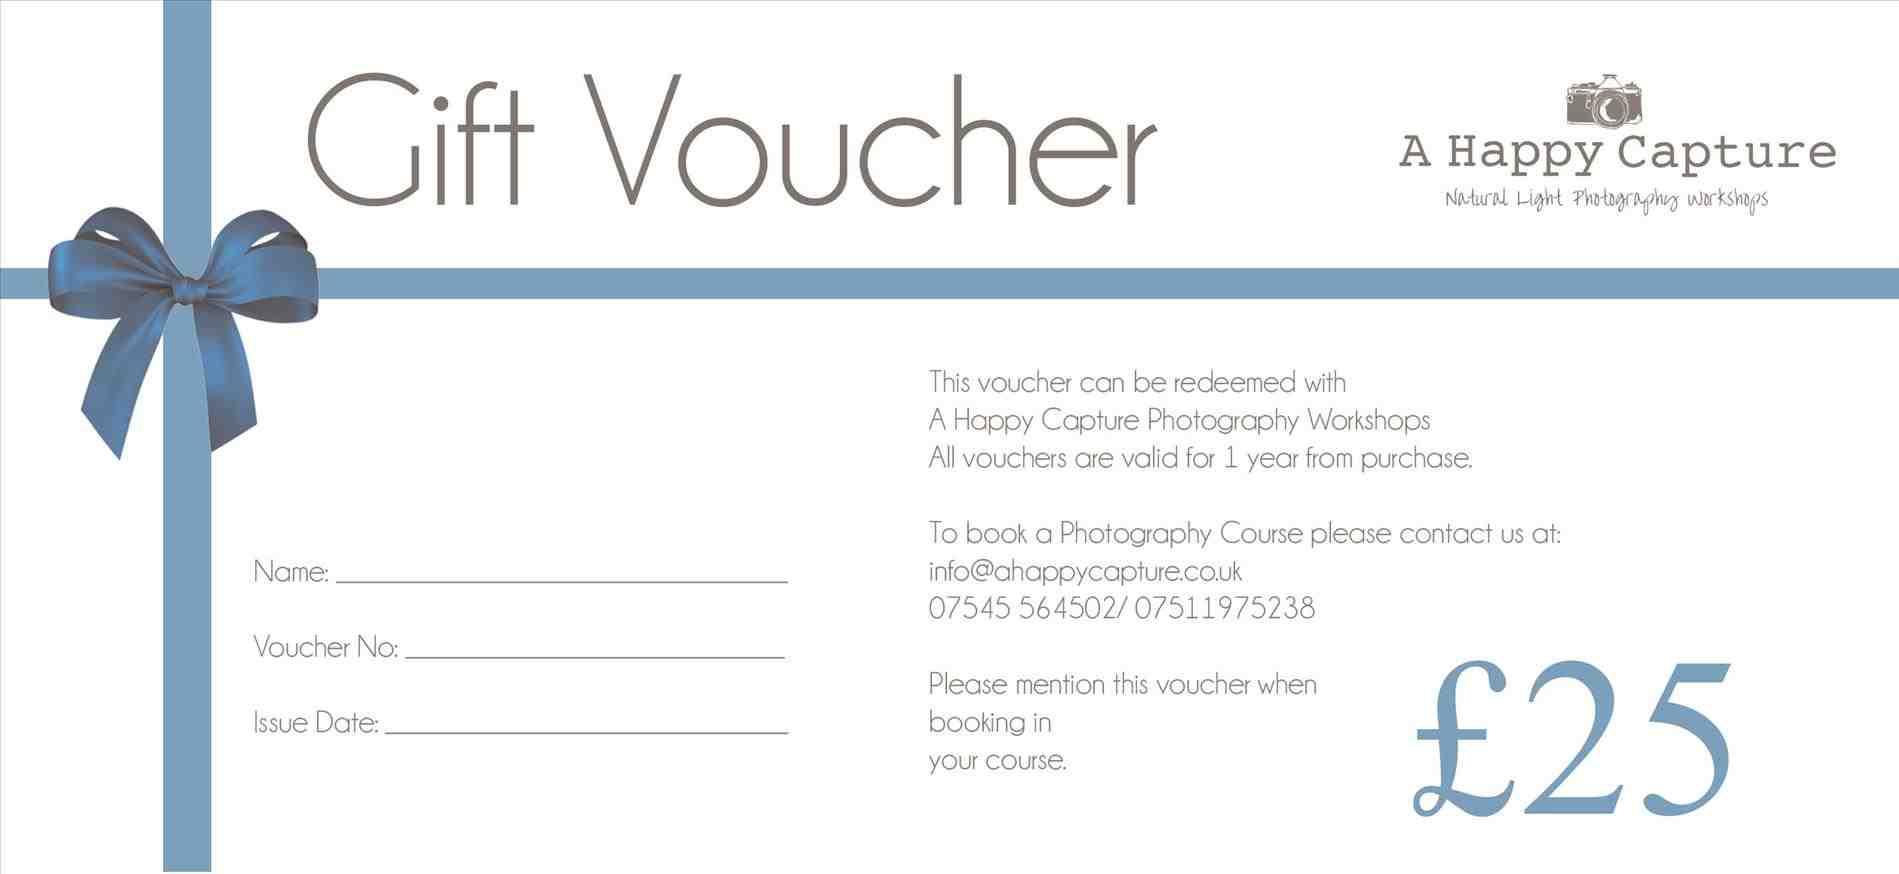 Template-Free-Printable-Gift-Certificate-Insssrenterprisesco - Free Printable Gift Vouchers Uk